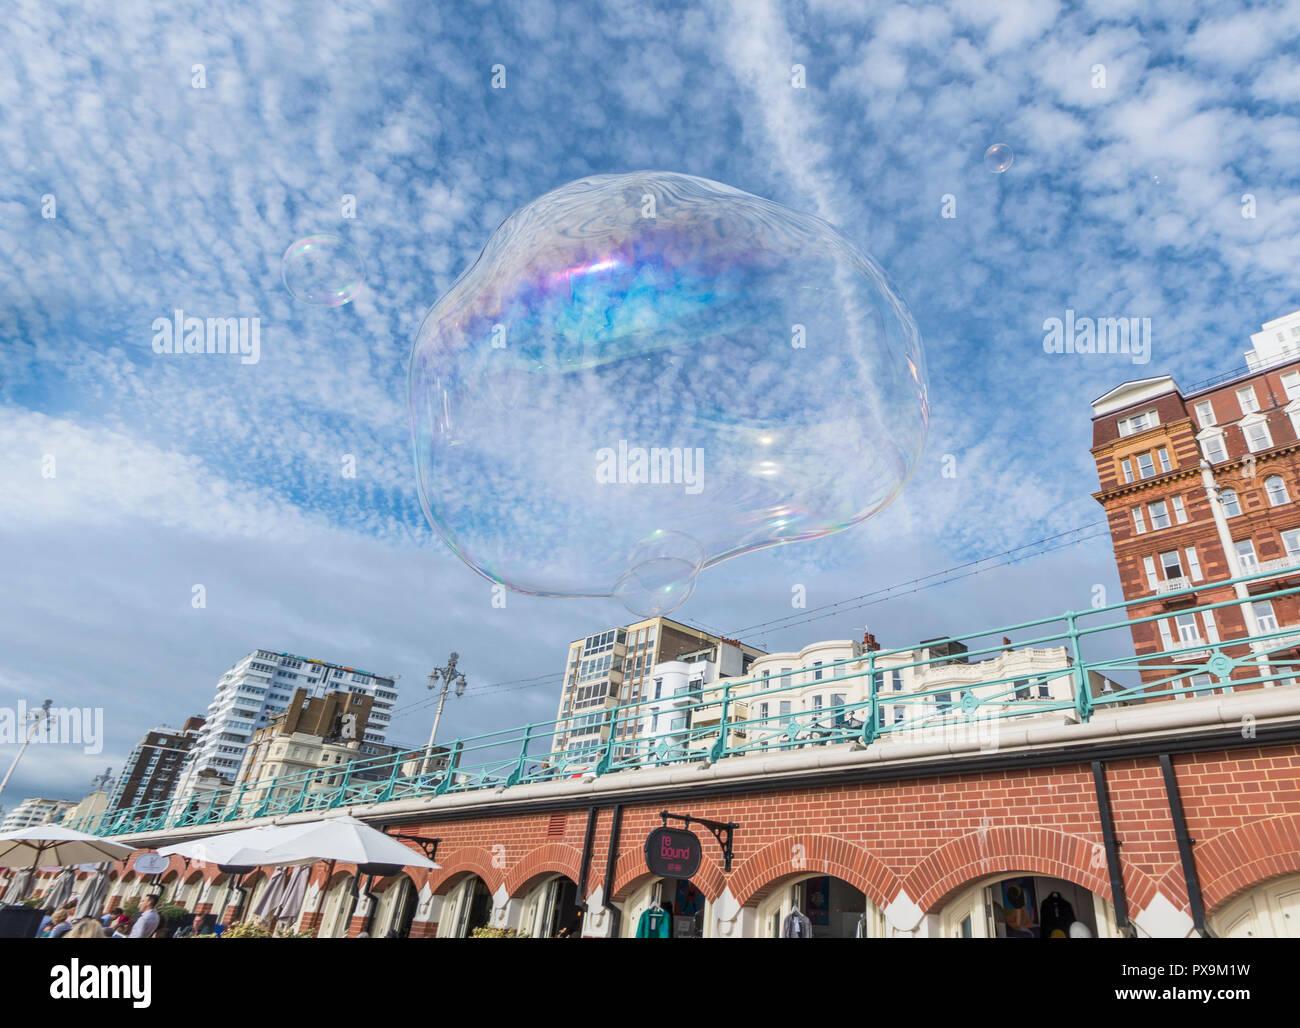 Grande bolla fluttuante nel cielo in una città con il cielo blu e nuvole soffici in Brighton, Regno Unito. Concetto di libertà. Fluttuare liberamente. Immagini Stock